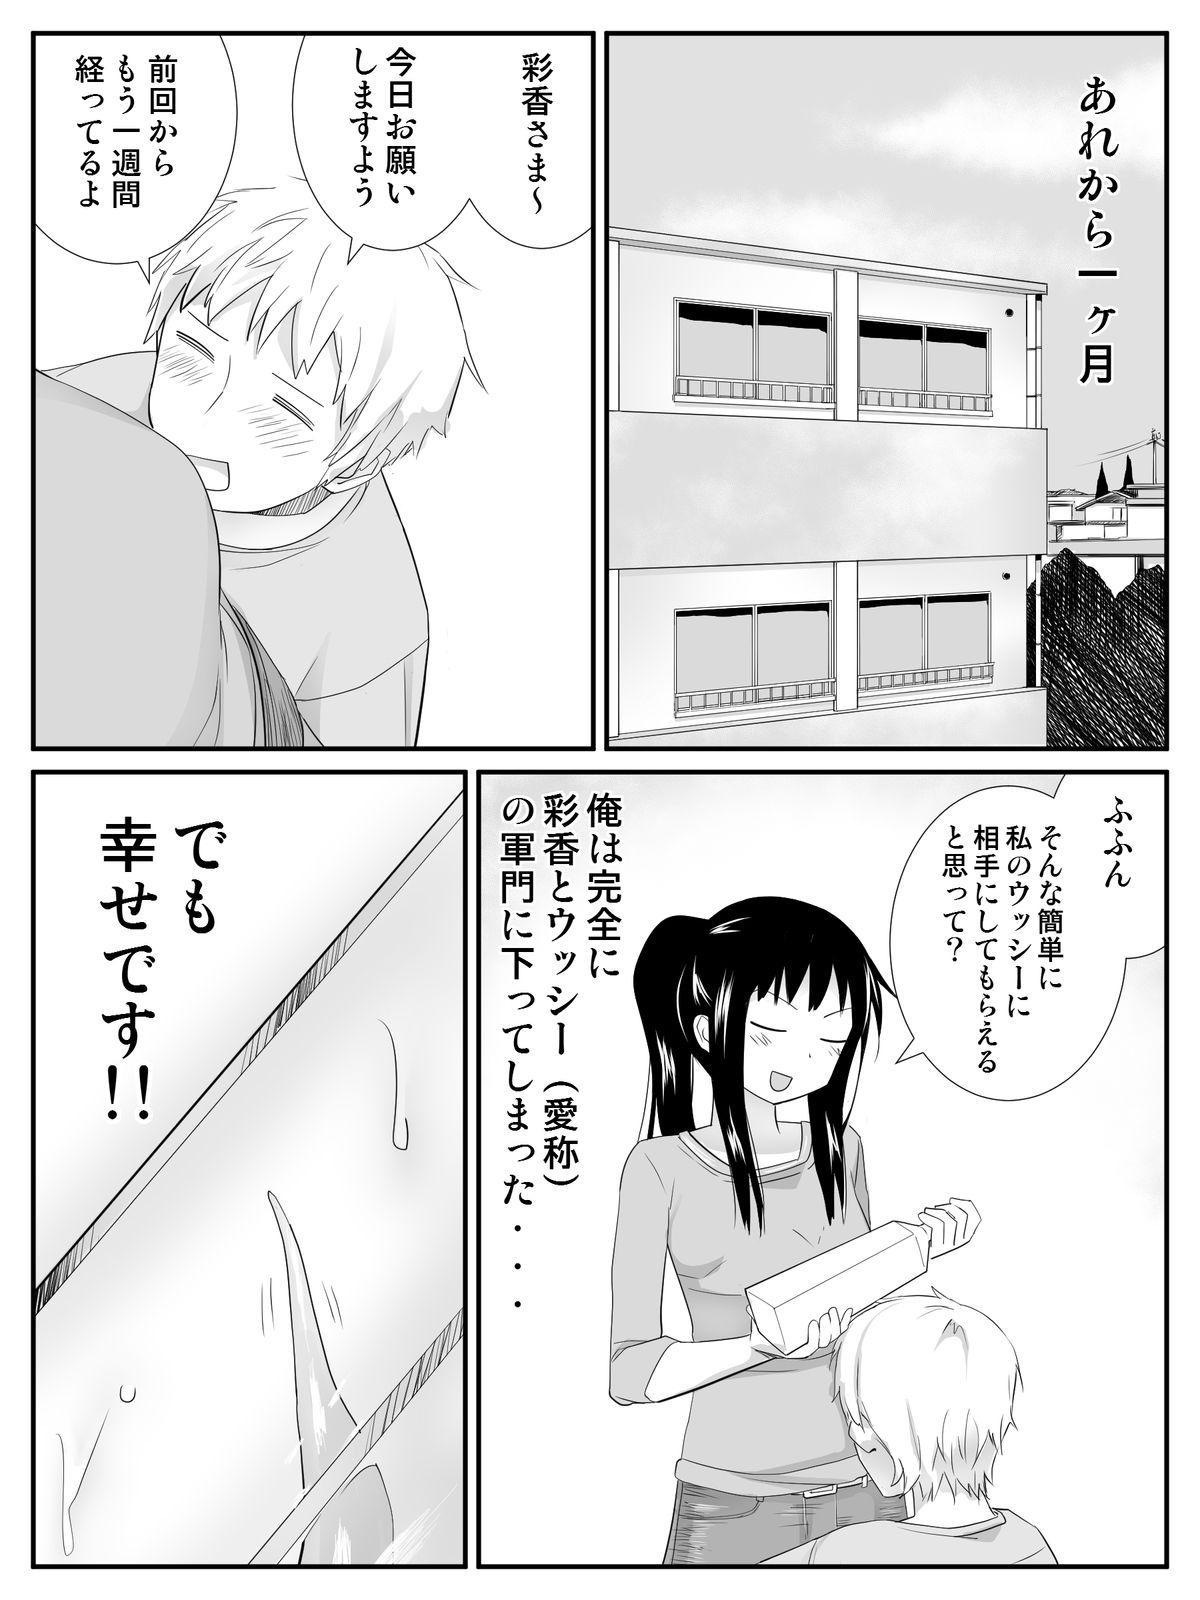 Ore ga Saiai no Kanojo ni Nyoudou wo Hiru de Okasareta Toki no Hanashi 37